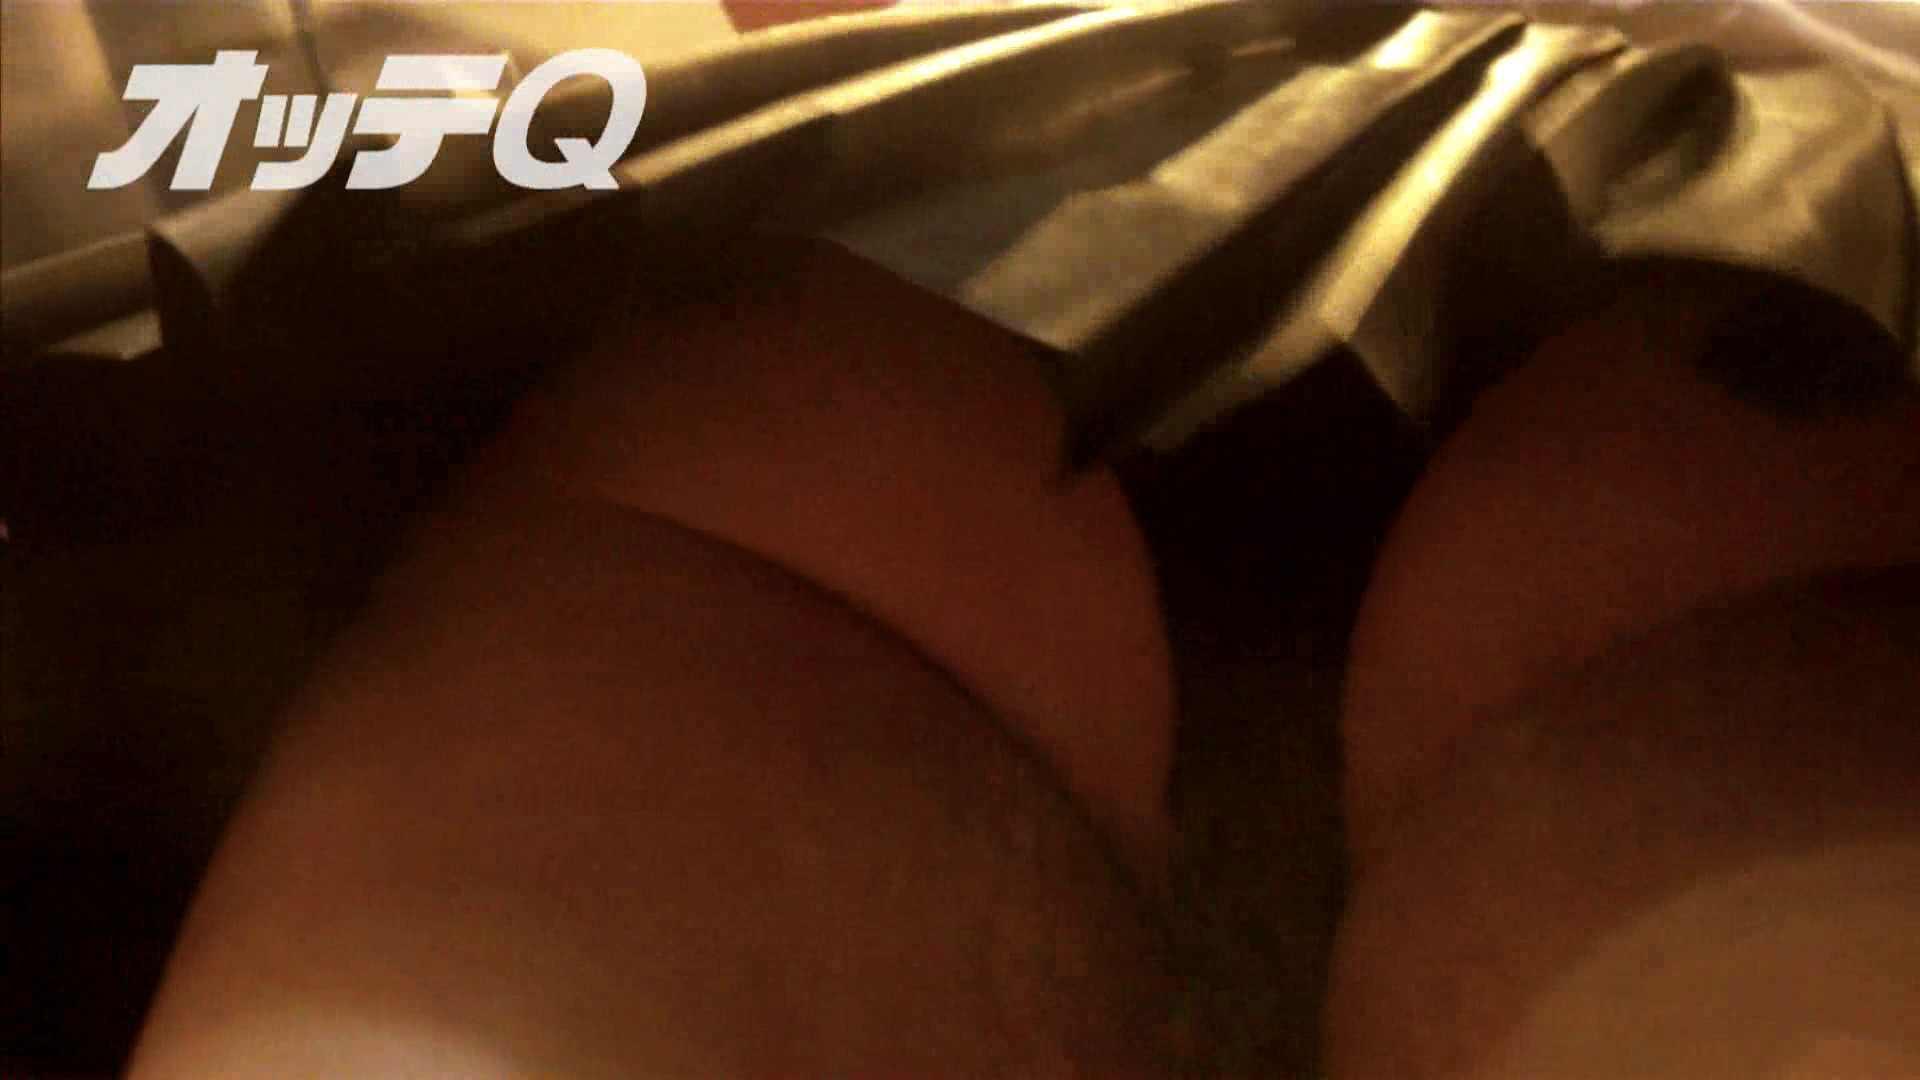 ハイビジョンパンチラ オッテQさんの追跡パンチラデパート編VOL.06 OLの裸事情 セックス画像 78枚 22